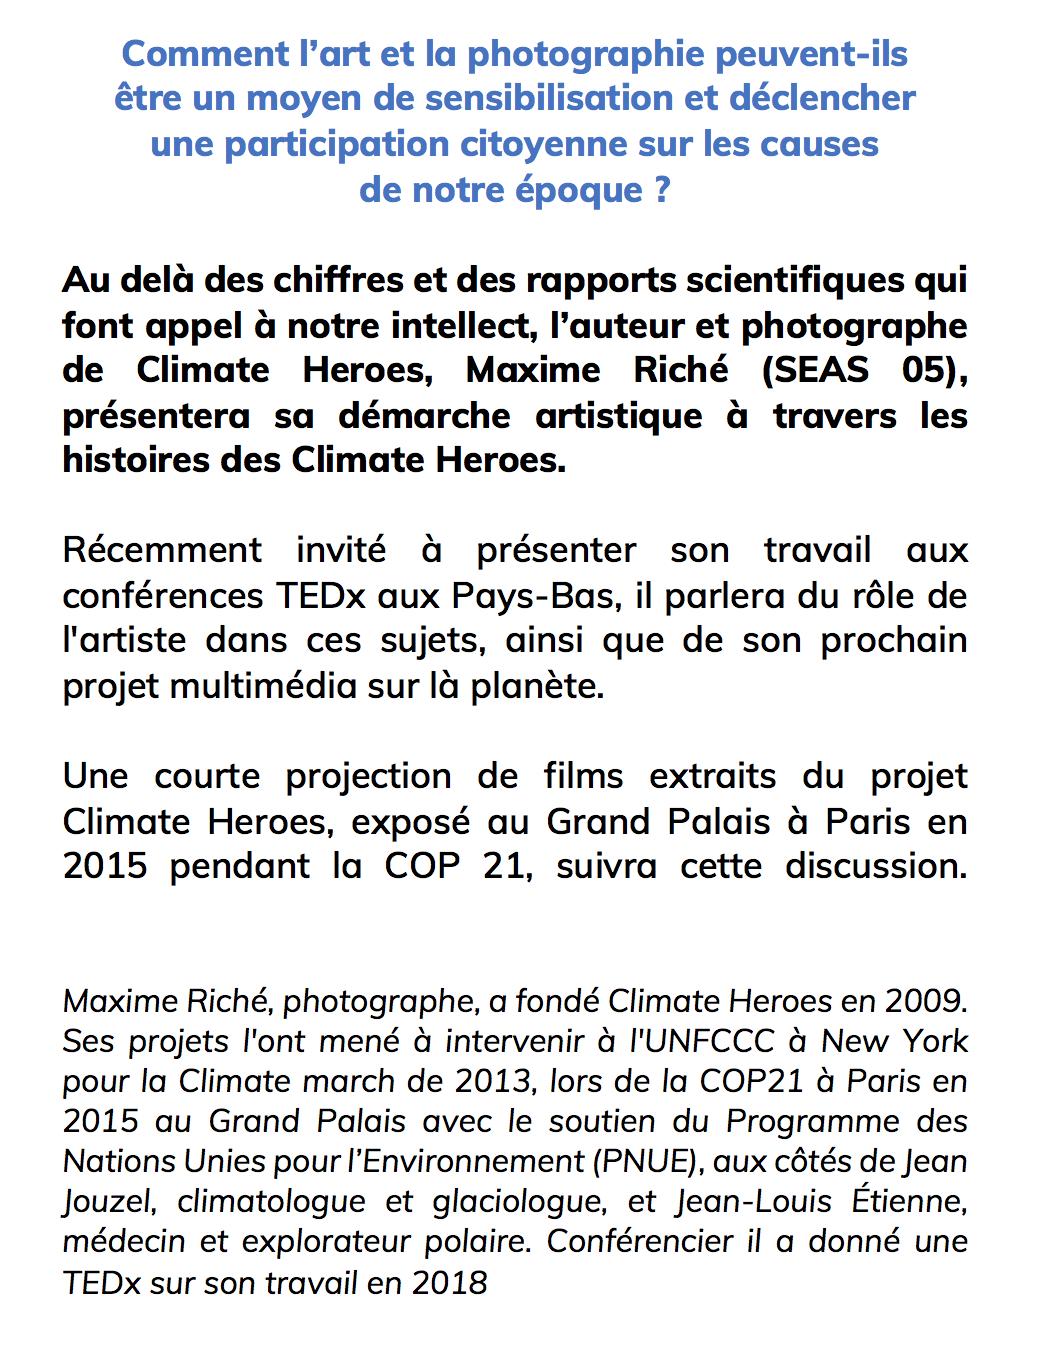 Texte_formatté_2019_01_17.png